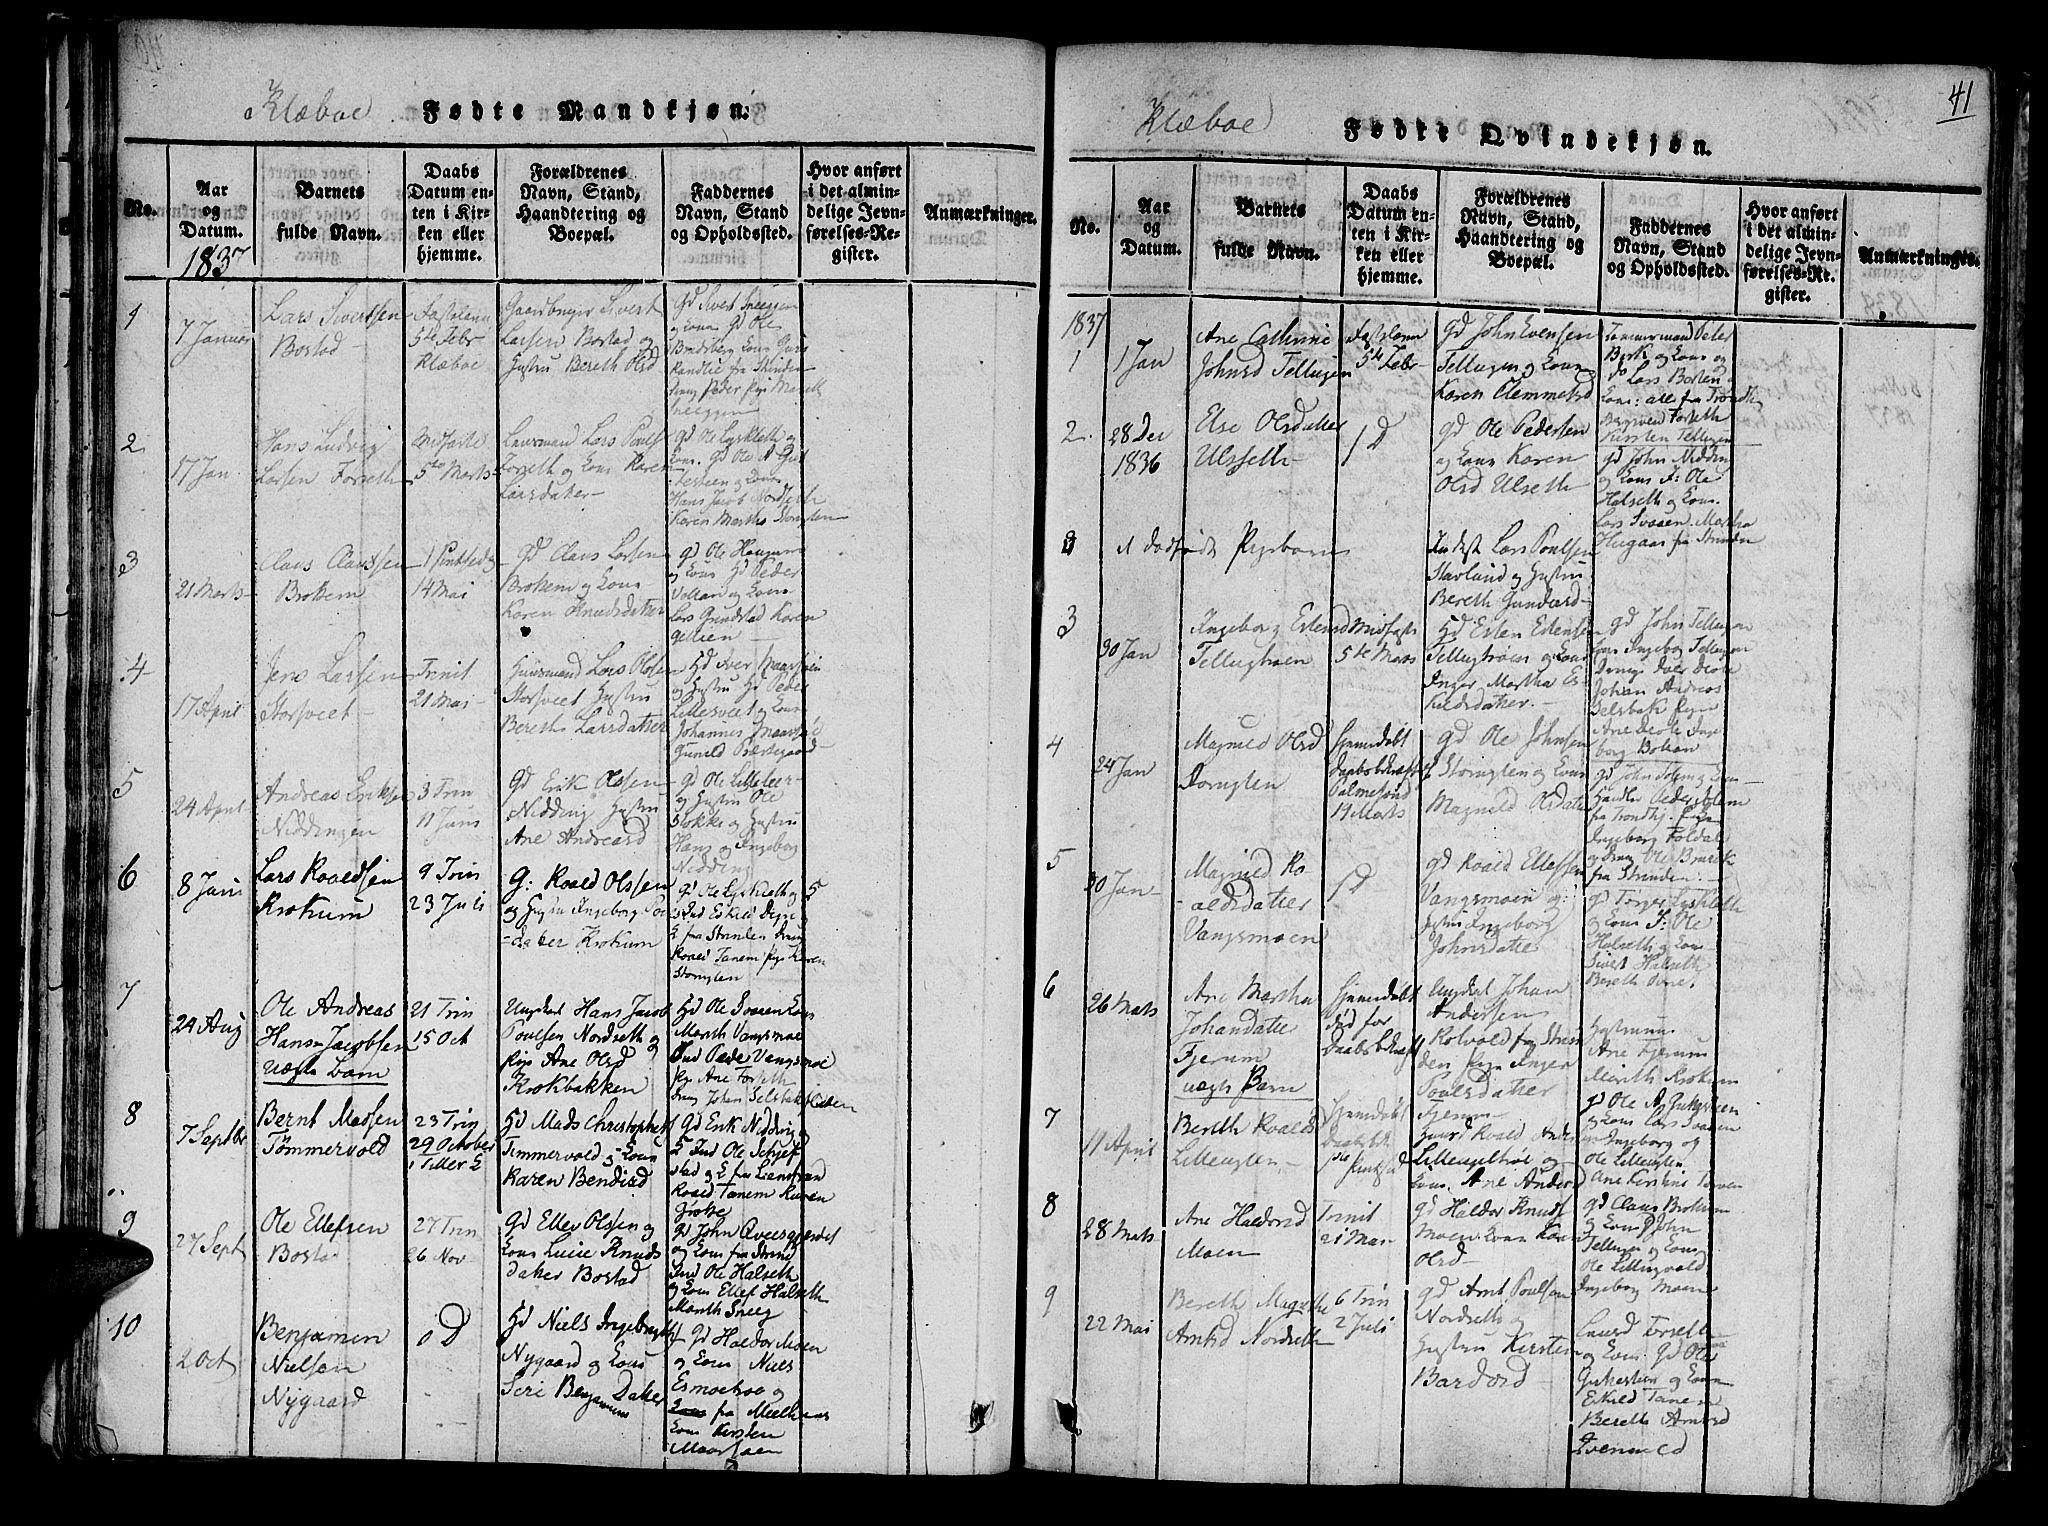 SAT, Ministerialprotokoller, klokkerbøker og fødselsregistre - Sør-Trøndelag, 618/L0439: Ministerialbok nr. 618A04 /1, 1816-1843, s. 41